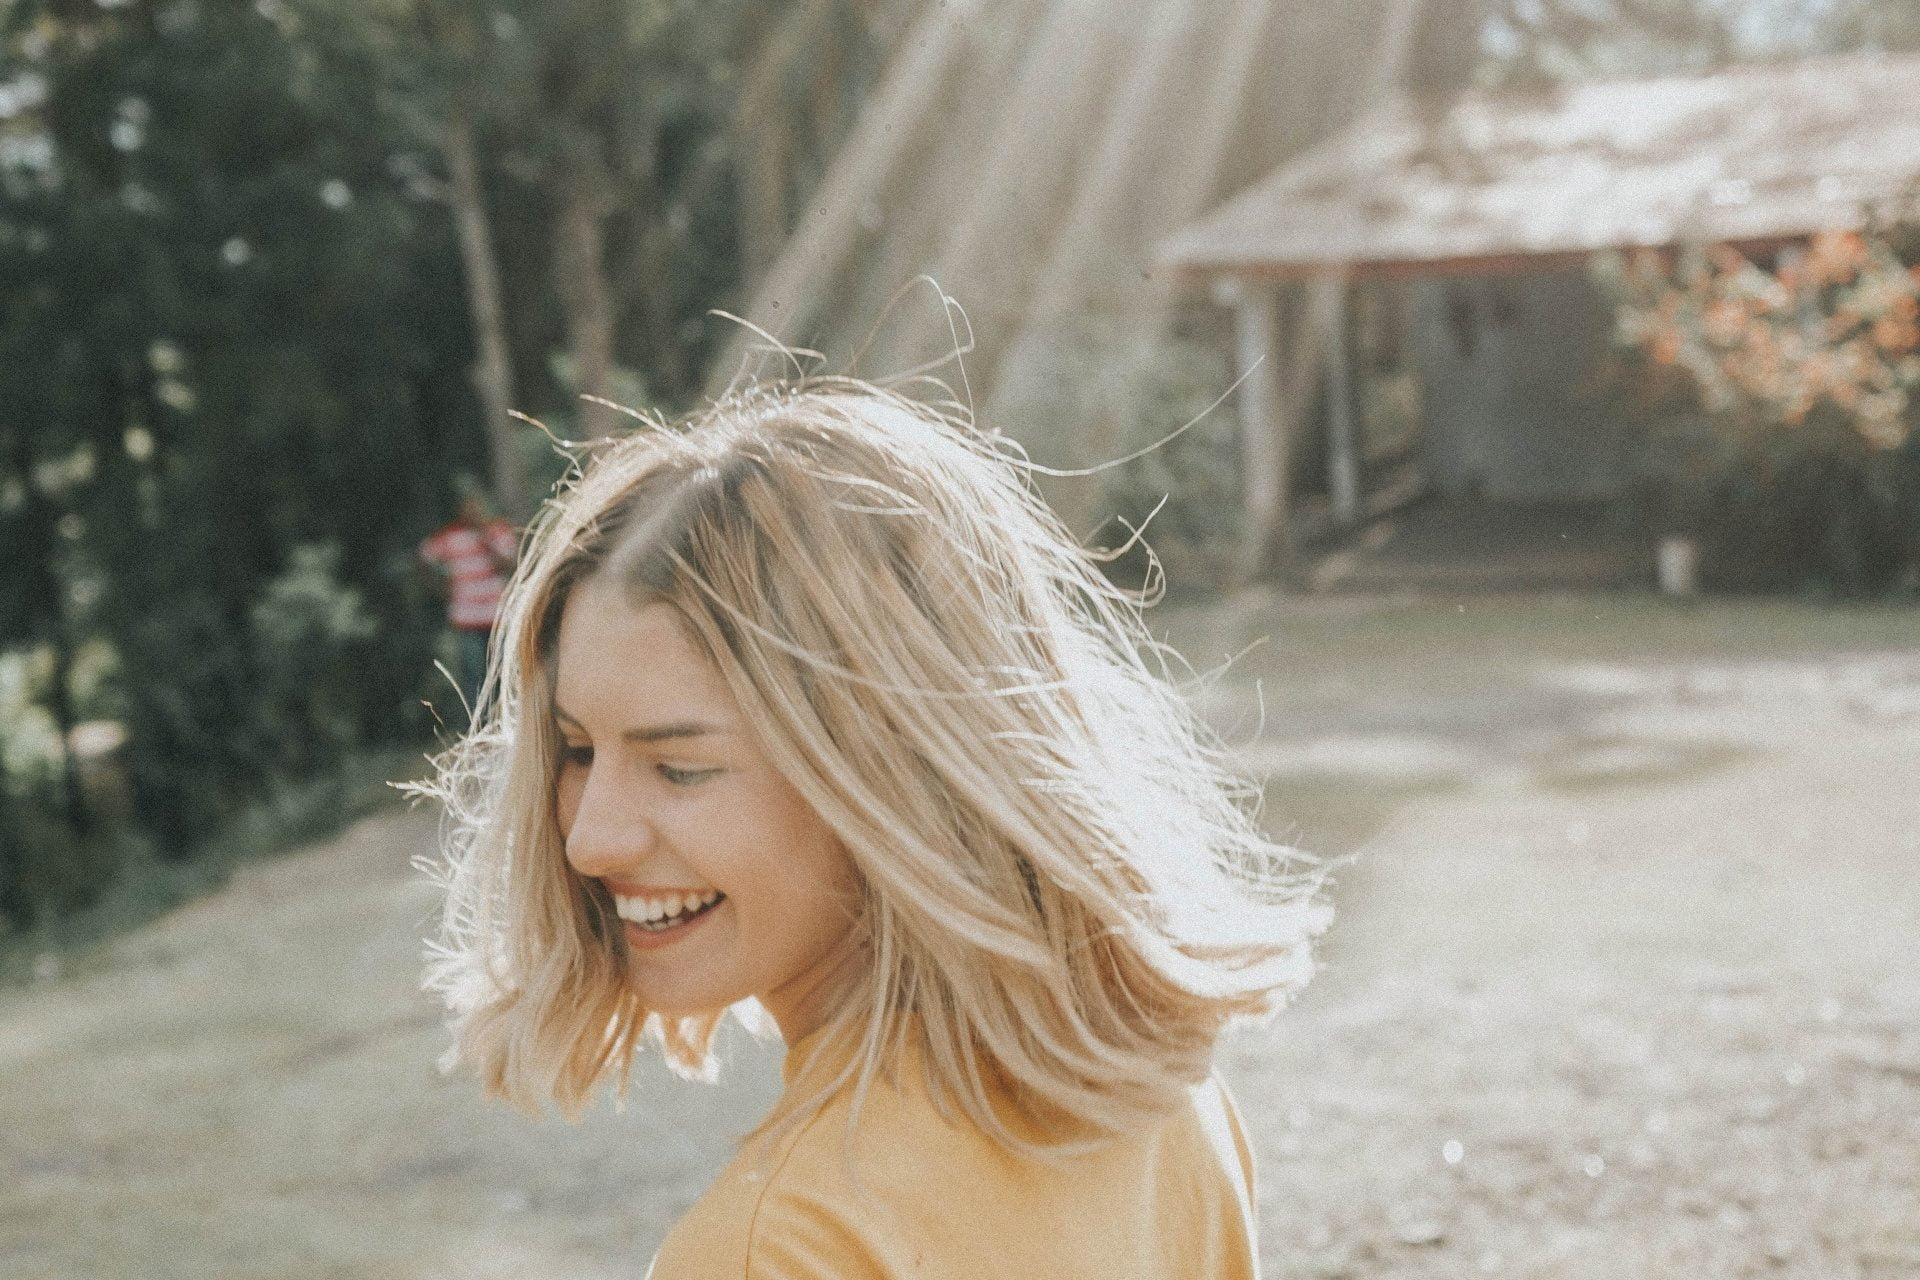 Gercek Terapi Seanslarindan 30 Guclu Hayat Degistiren Alintilar